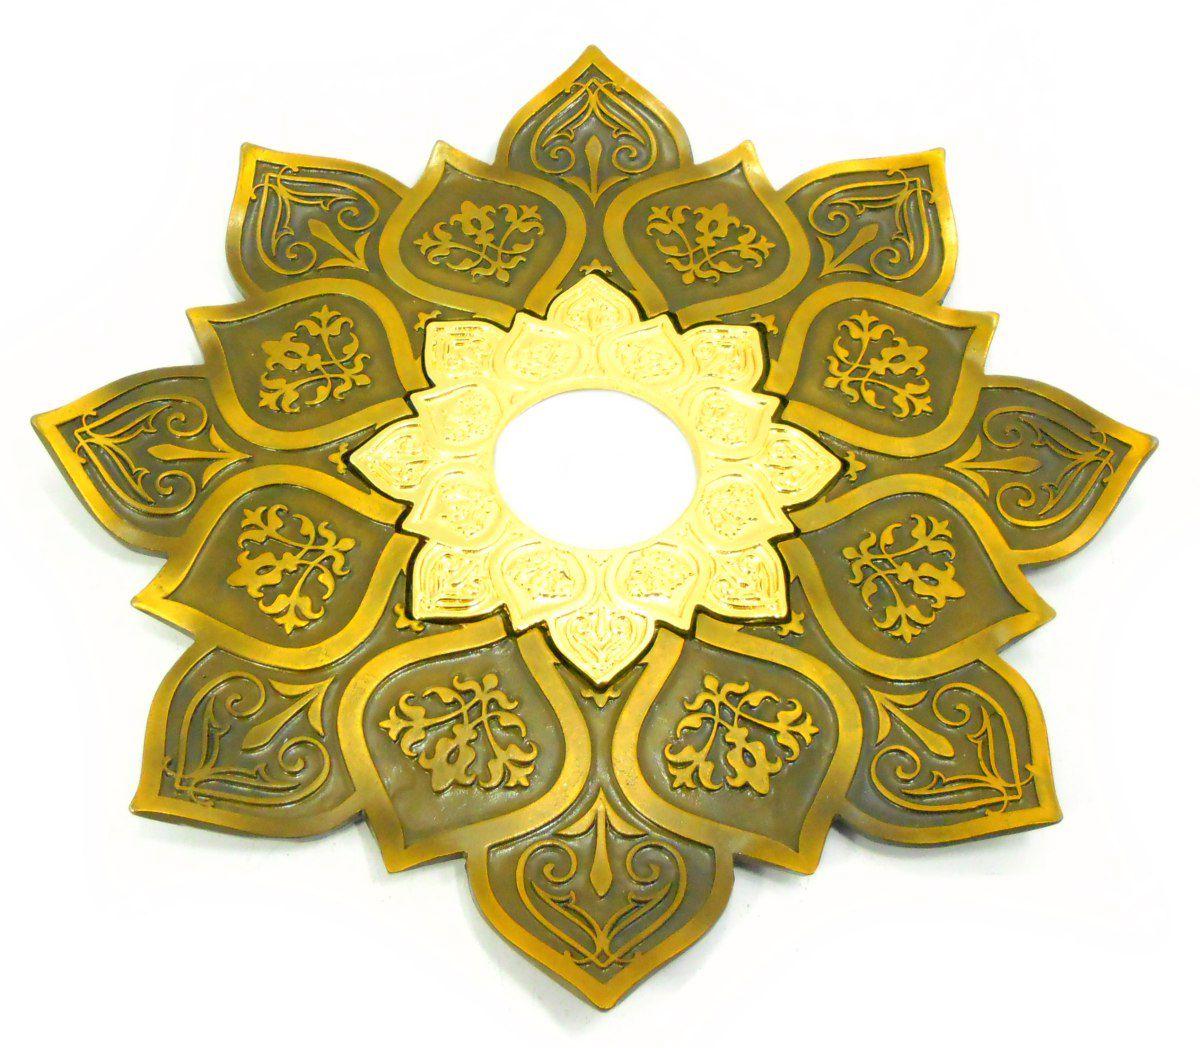 Prato para narguile mod. Athenas 23cm em liga metálica inox e decorado. Cor OURO VELHO.